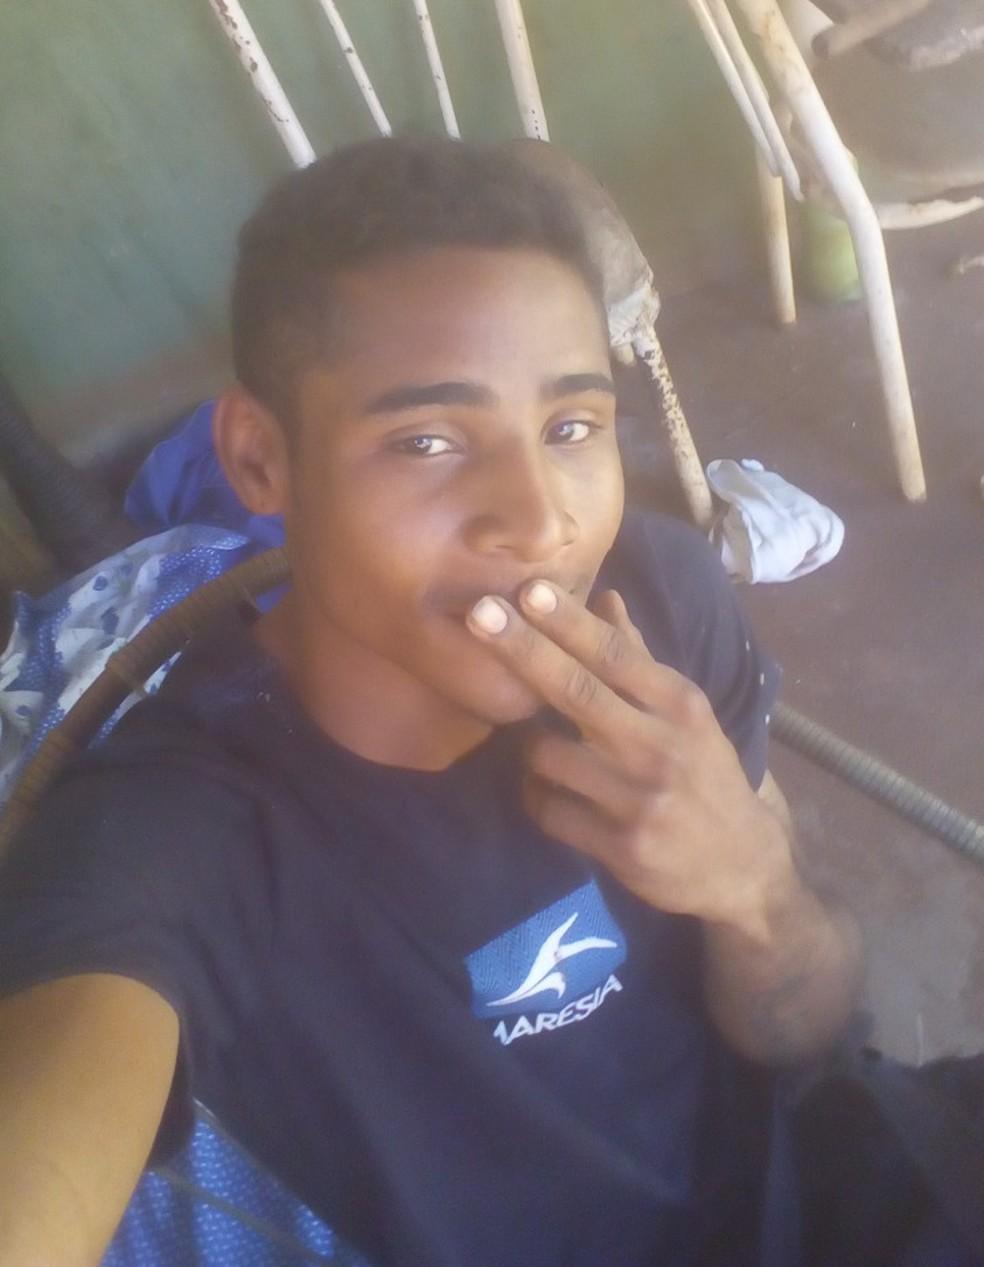 Polícia encontrou o rapaz em uma casa abandonada na cidade (Foto: Divulgação/Polícia Civil)